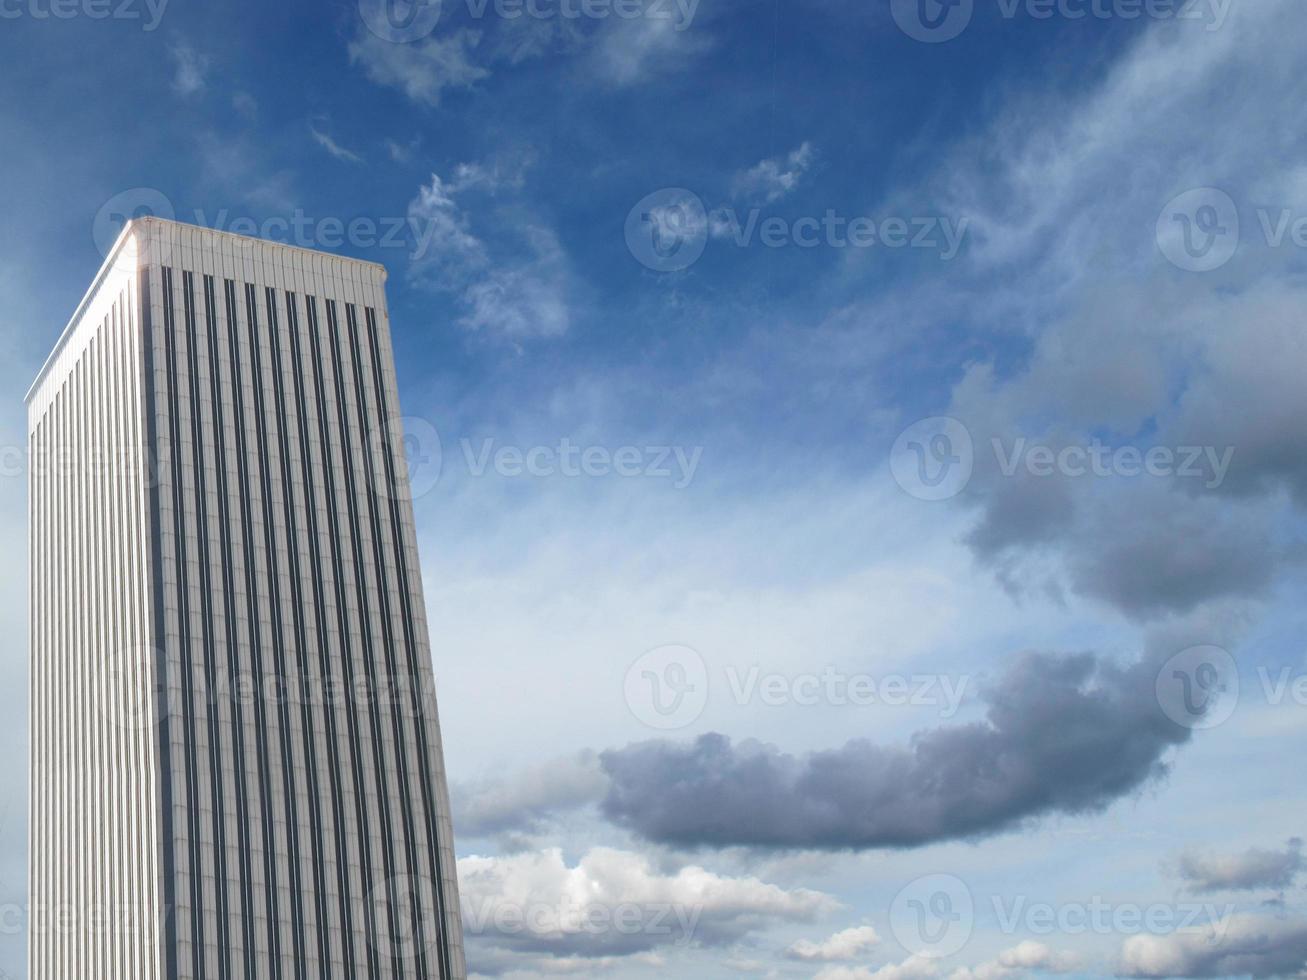 Solitaire Wolkenkratzer foto